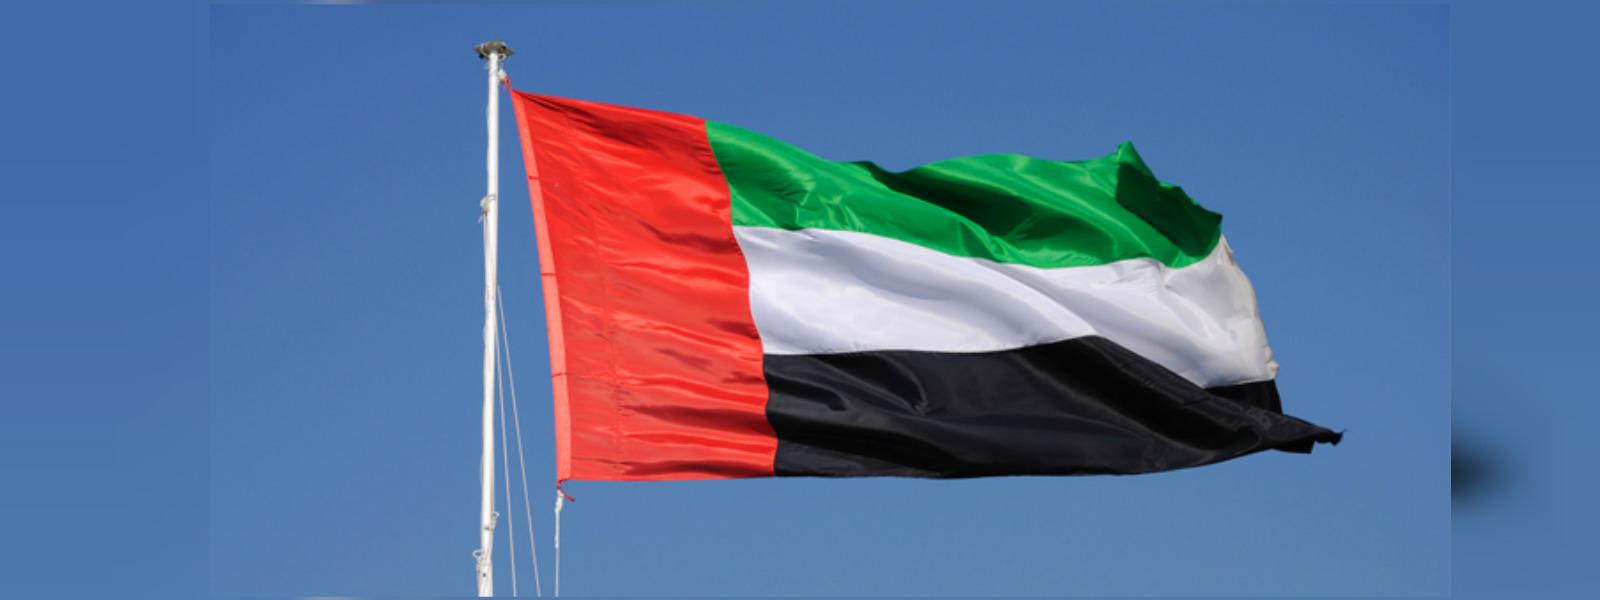 UAE issues travel advisory on Sri Lanka